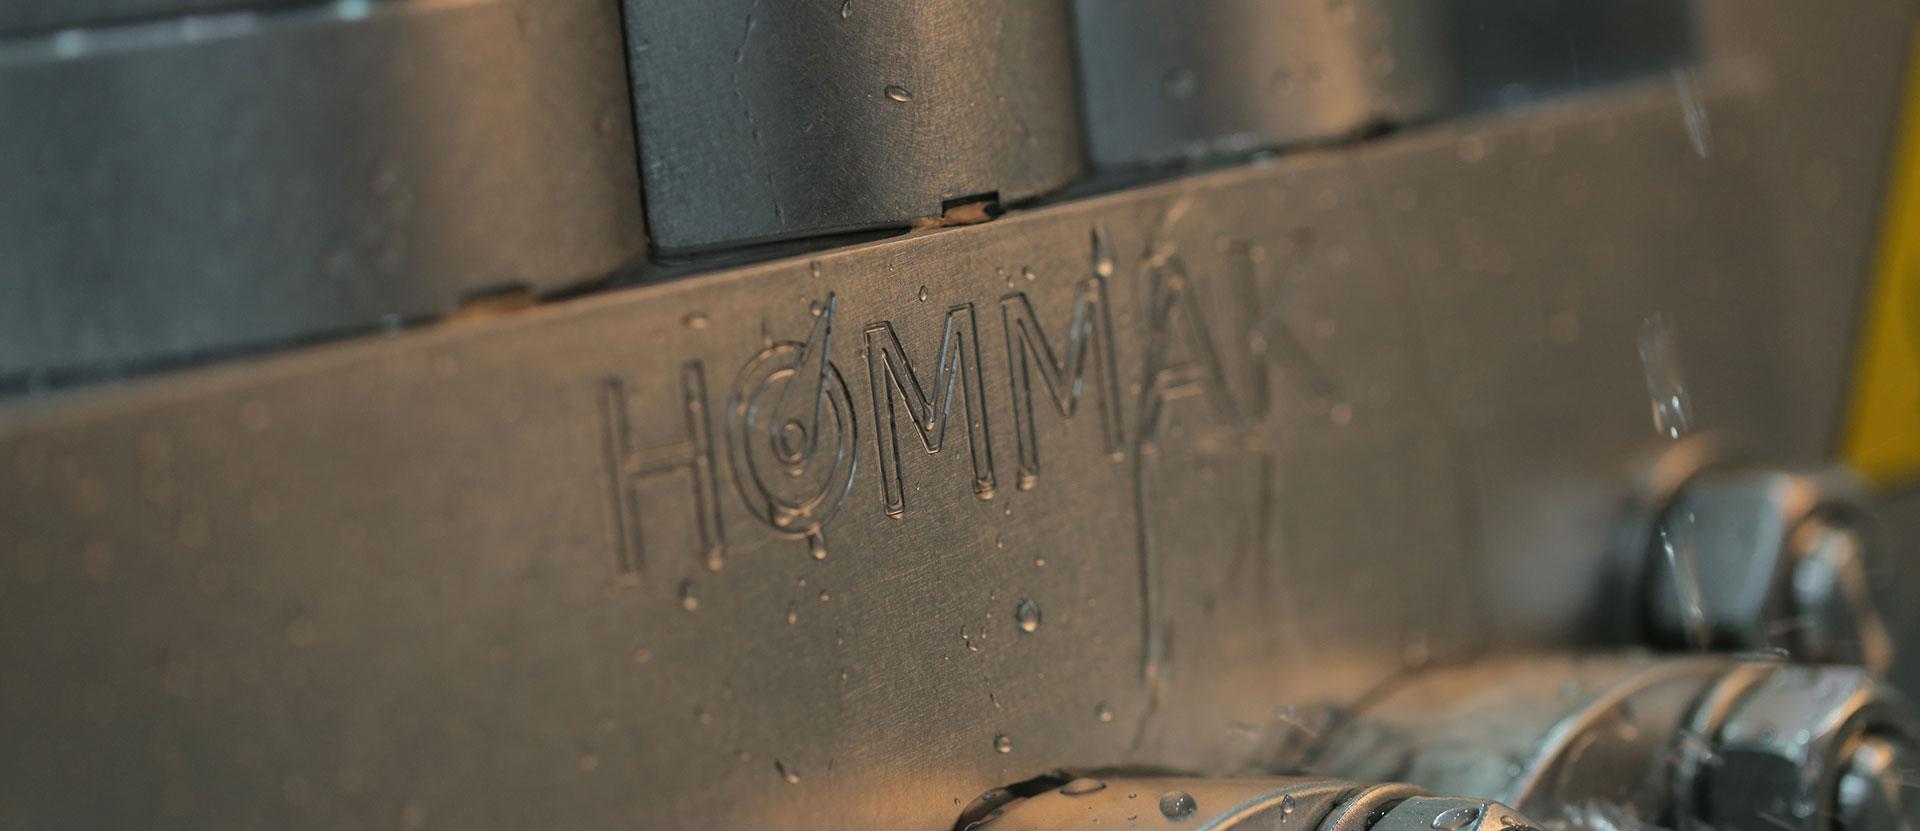 hommak-slide05